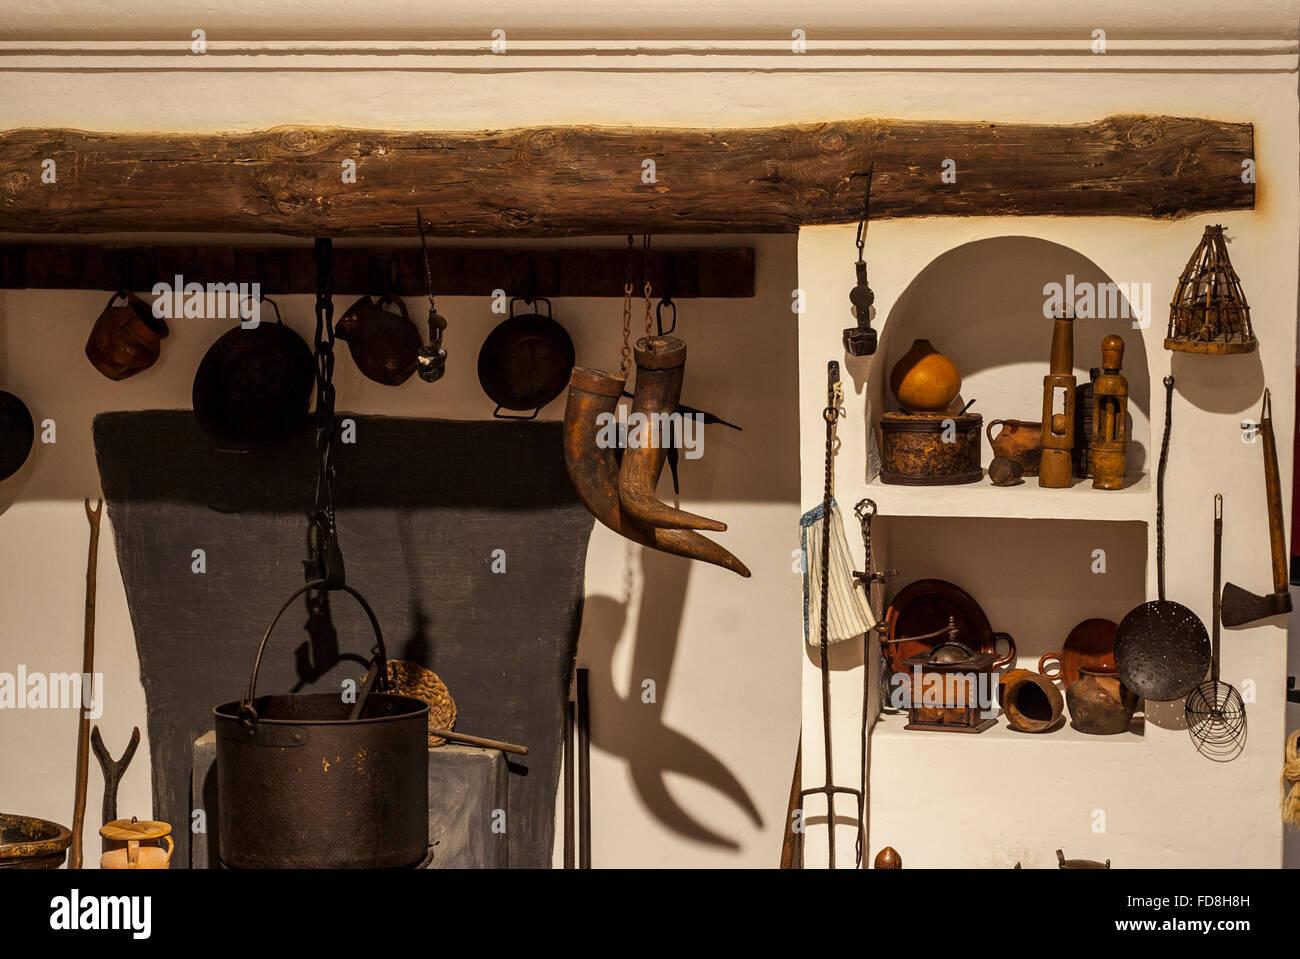 Alte Küche In Einer Primitiven Rustikalen Stil Reproduktion, Badajoz,  Spanien